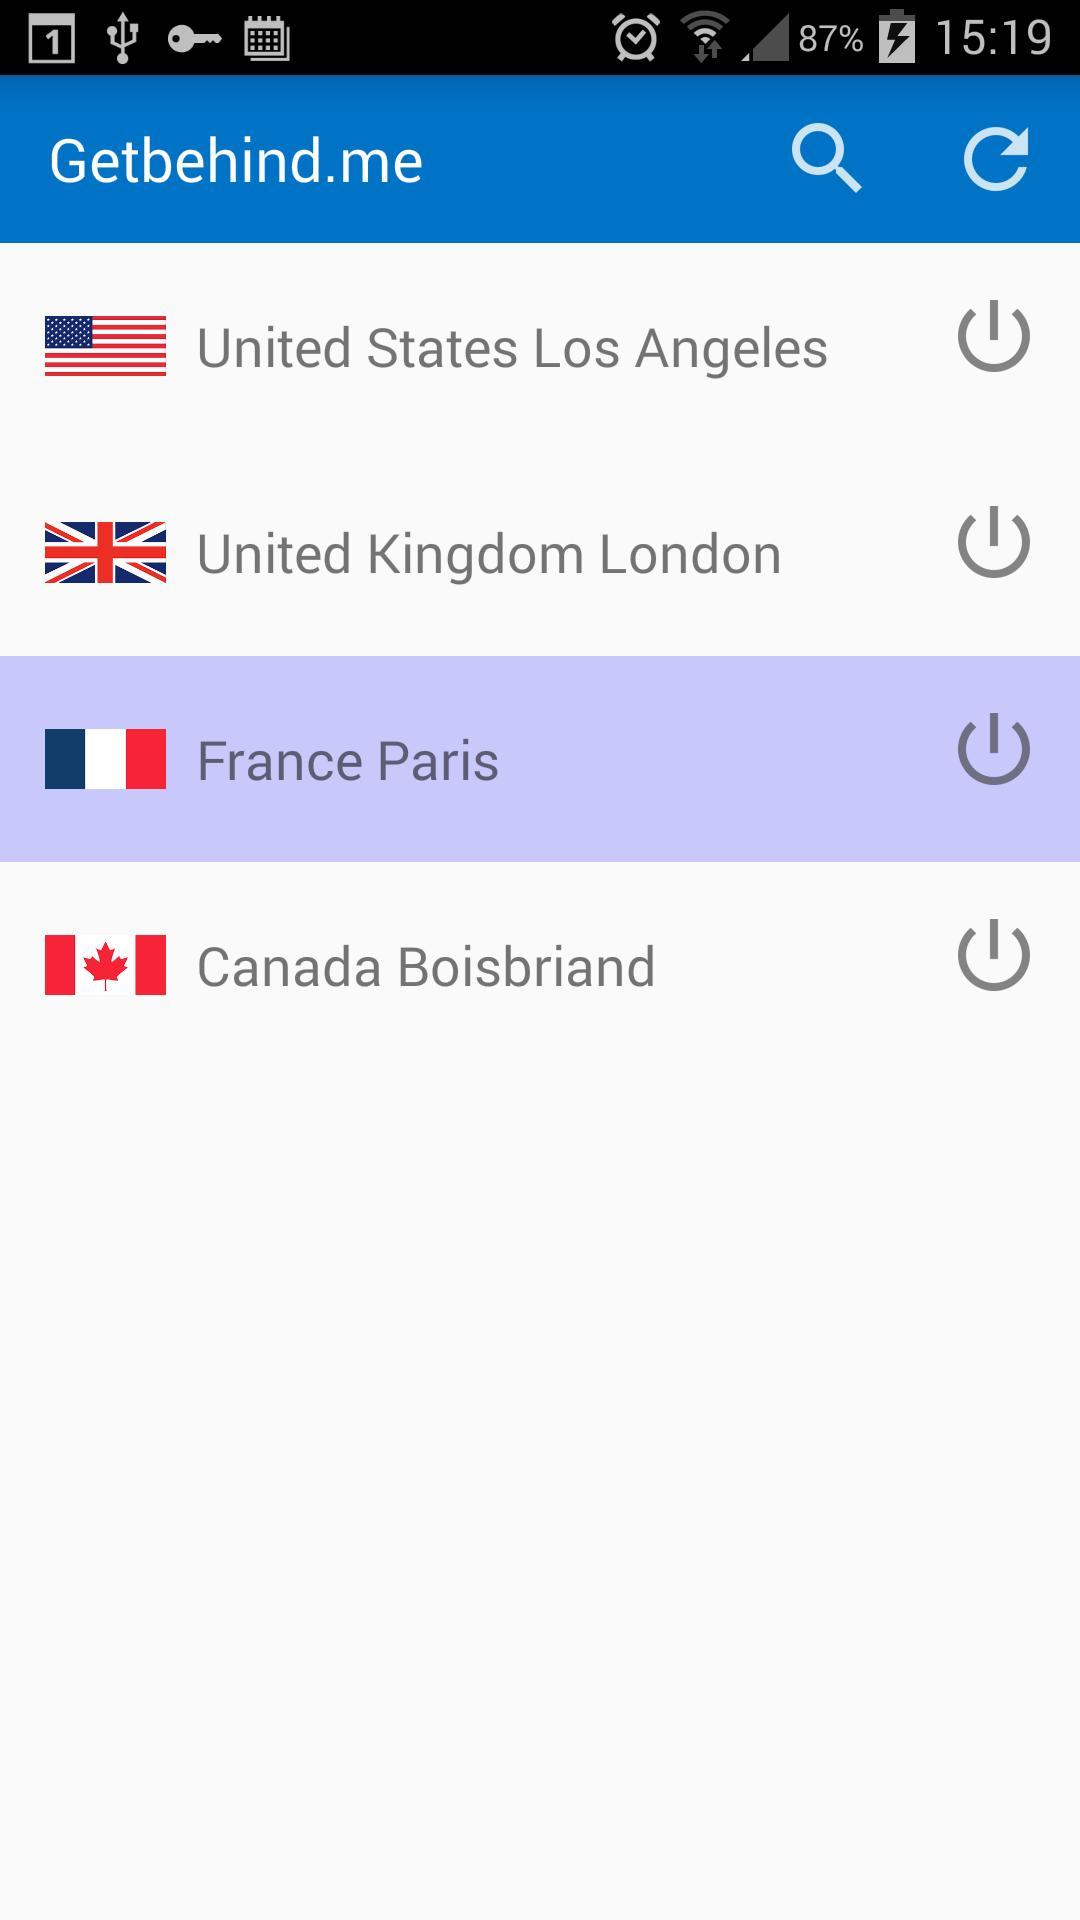 Super Vpn Free Vpn Service Provider Getbehind Me For Android Apk Download